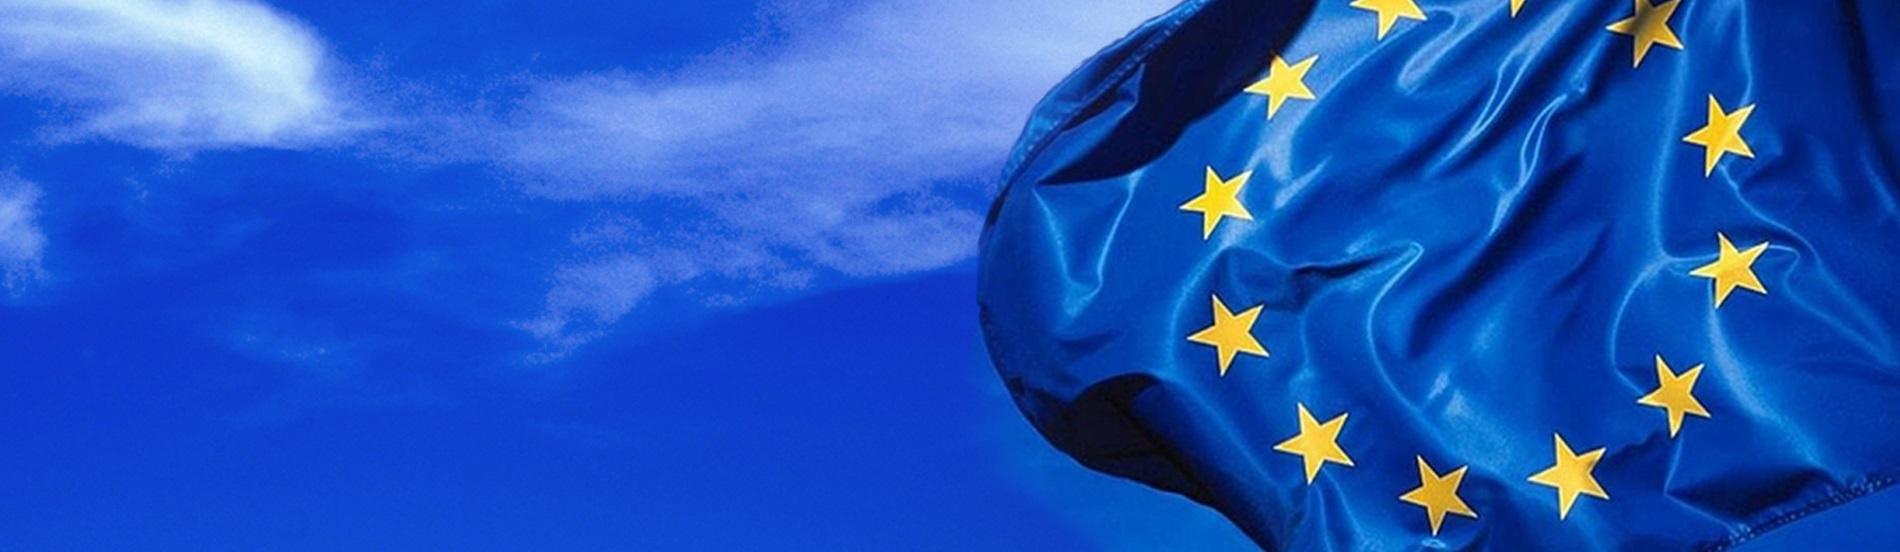 Budovanie partnerstva samospráv naprieč Európou